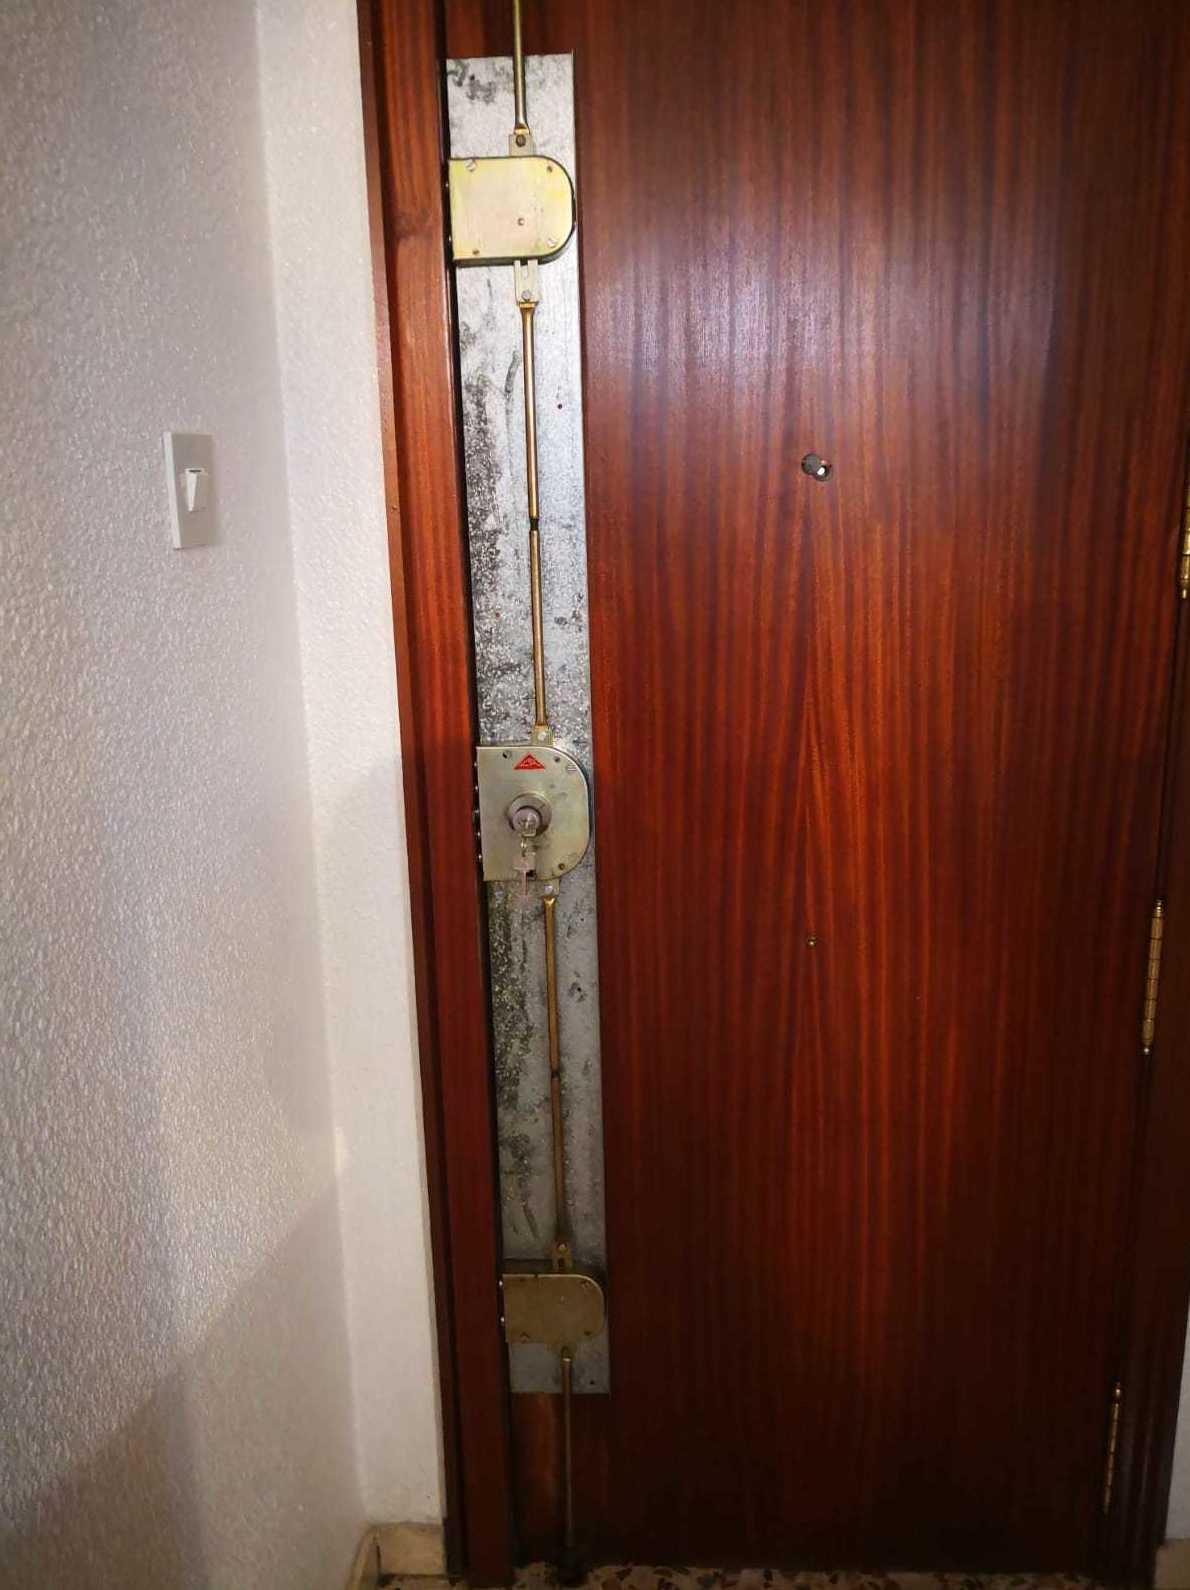 Cerrajeros Alicante - Cerrajeros Elda - Cerrajeros Elche : Apertura de Puertas de Medina Cerrajeros